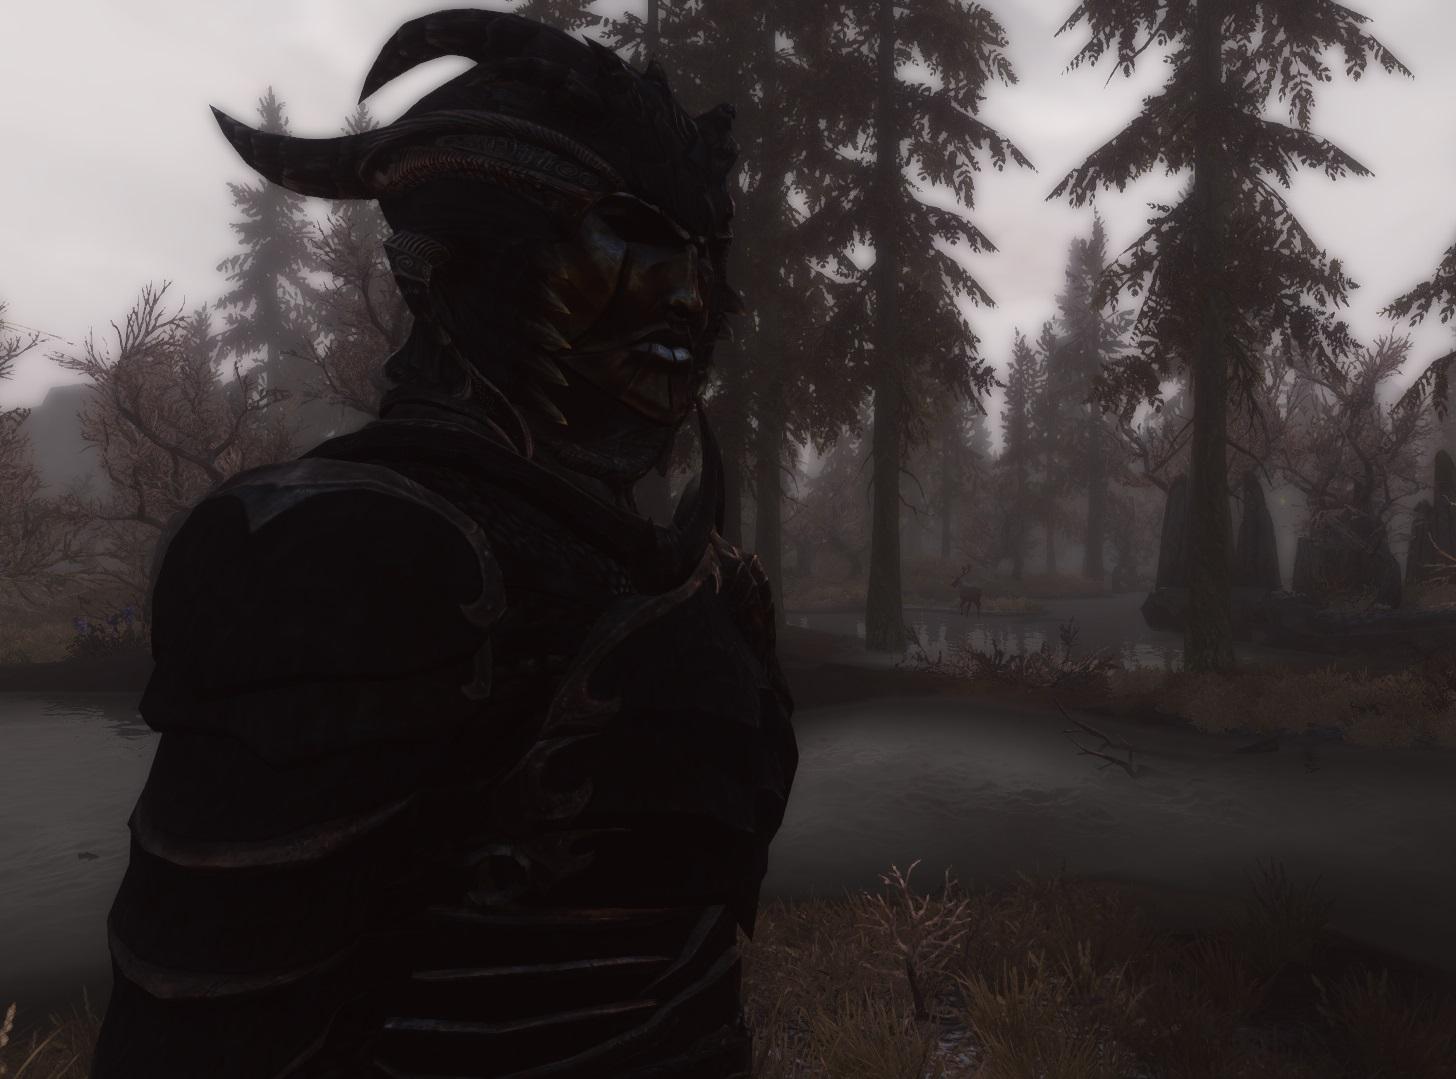 Jull - The Elder Scrolls 5: Skyrim